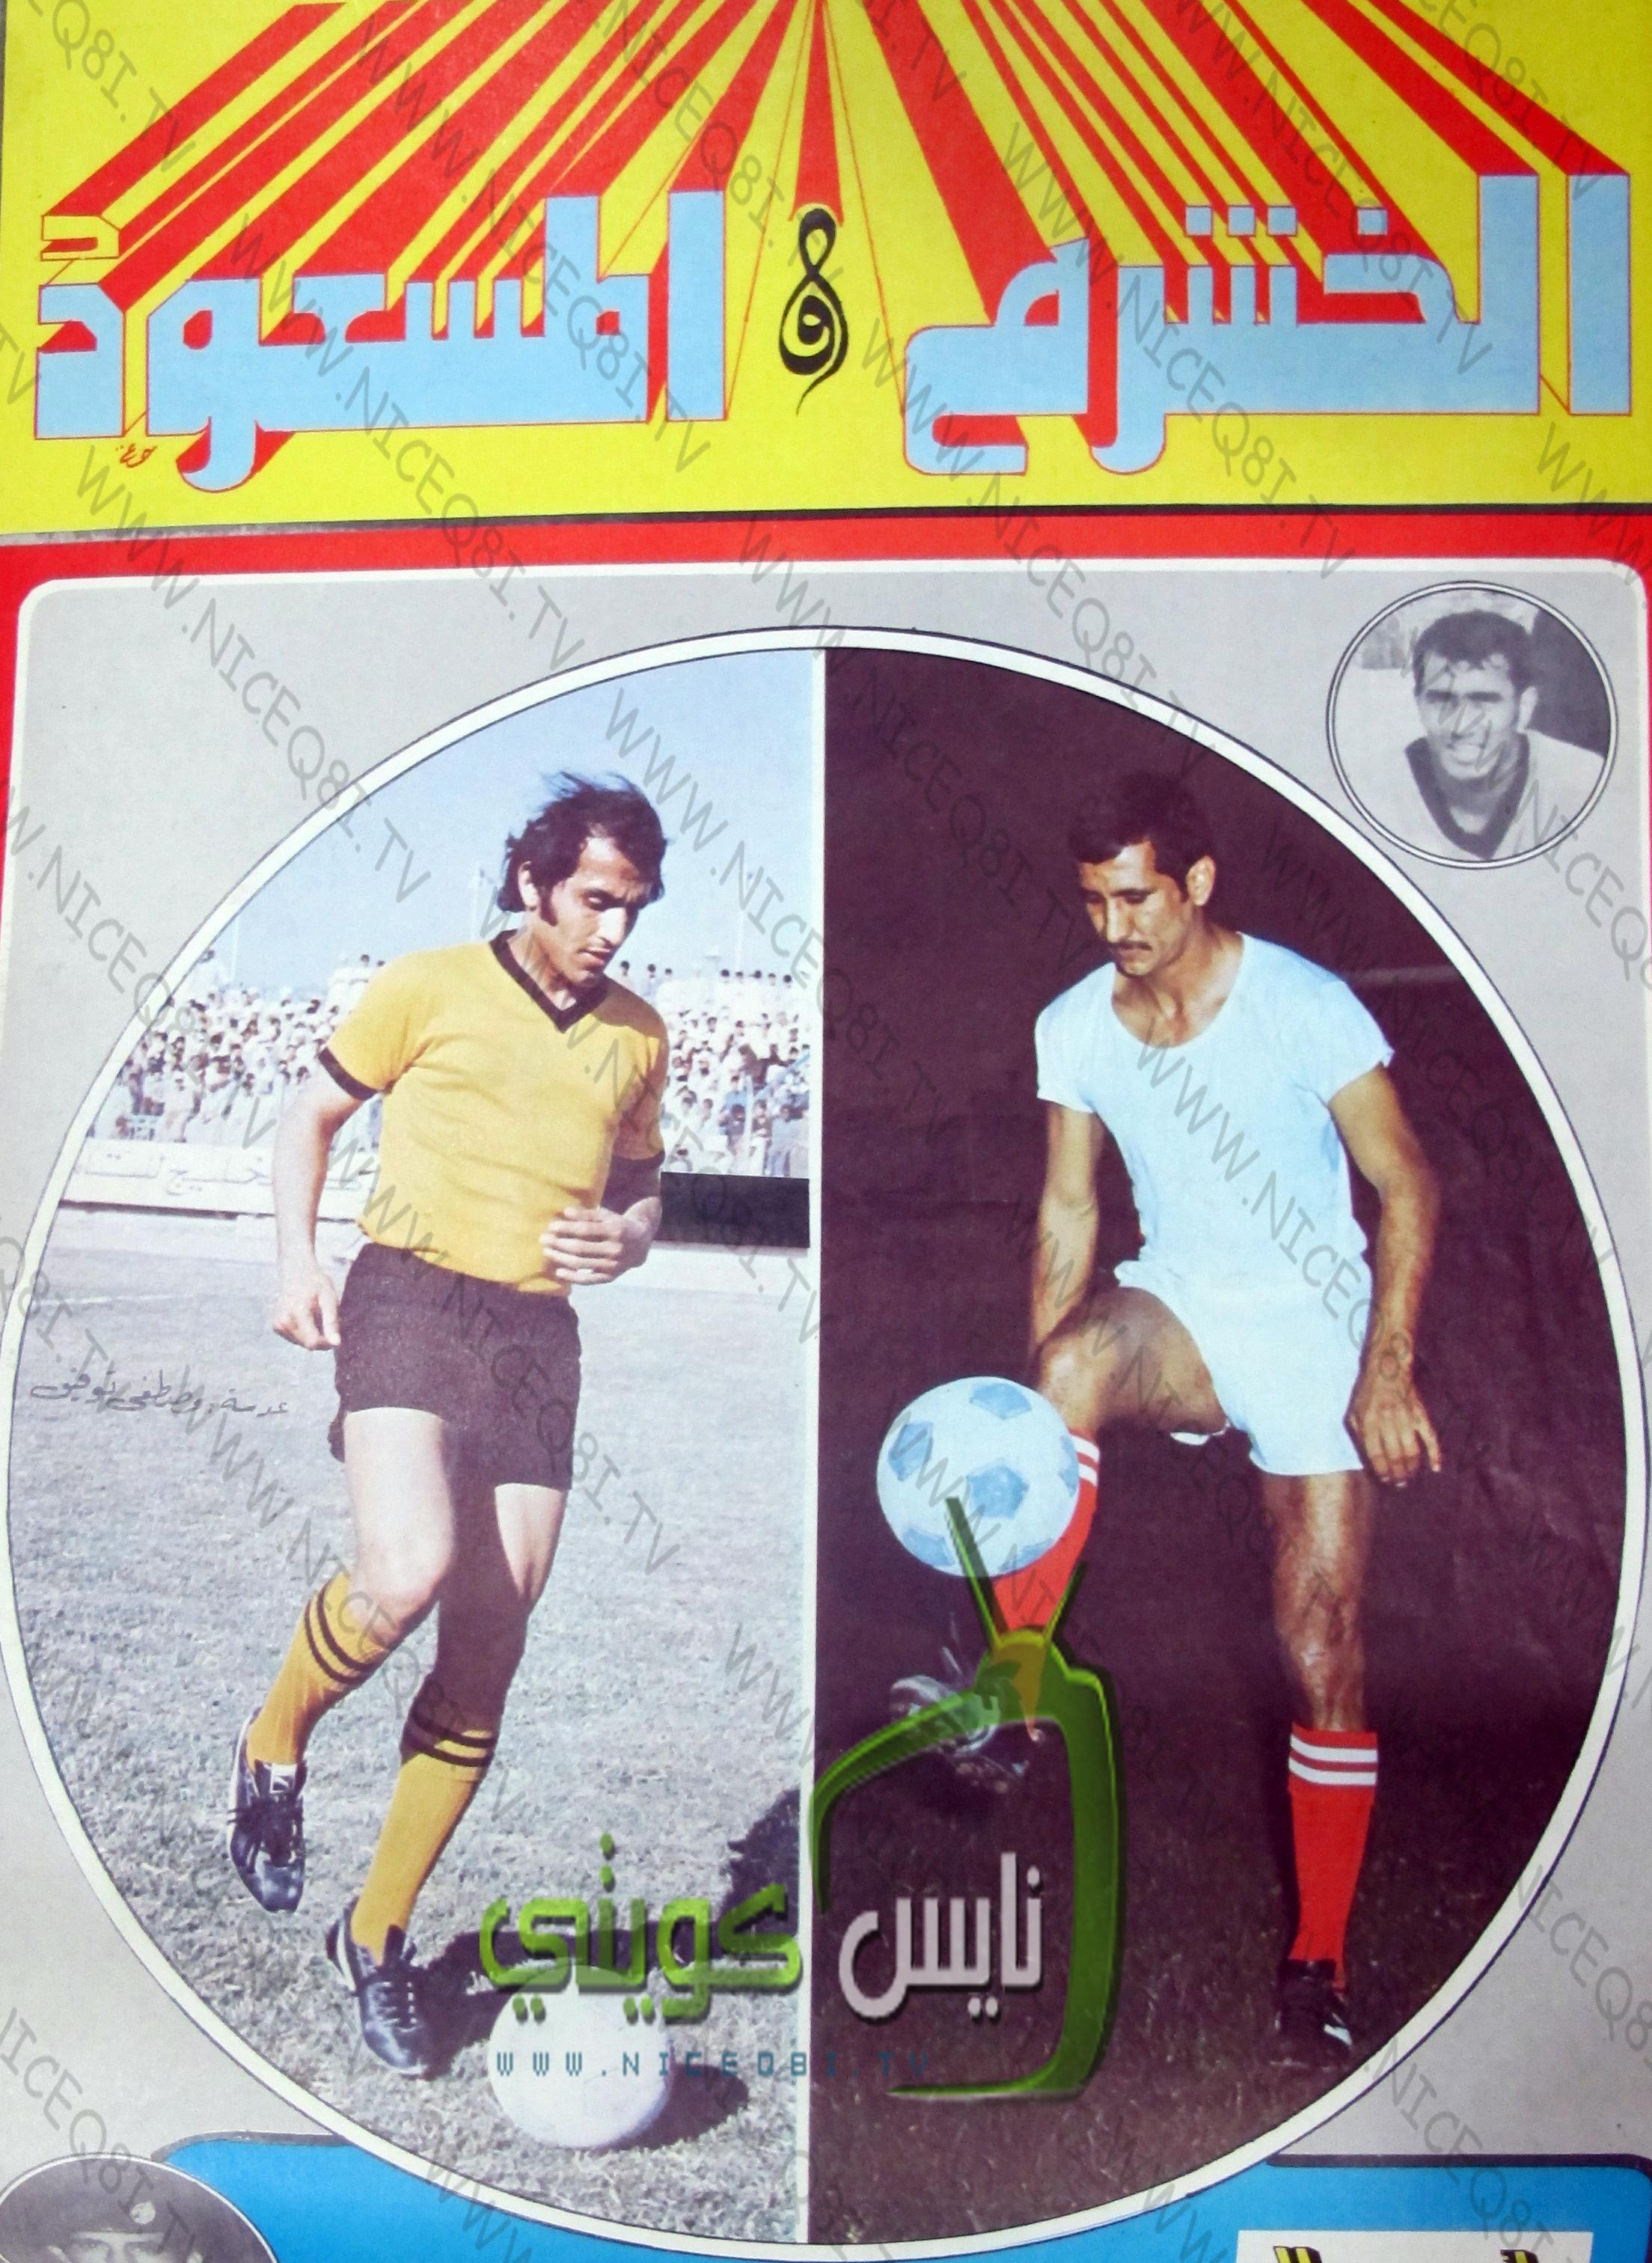 لاعب نادي الكويت الكابتن : ابراهيم الخشرم & ل